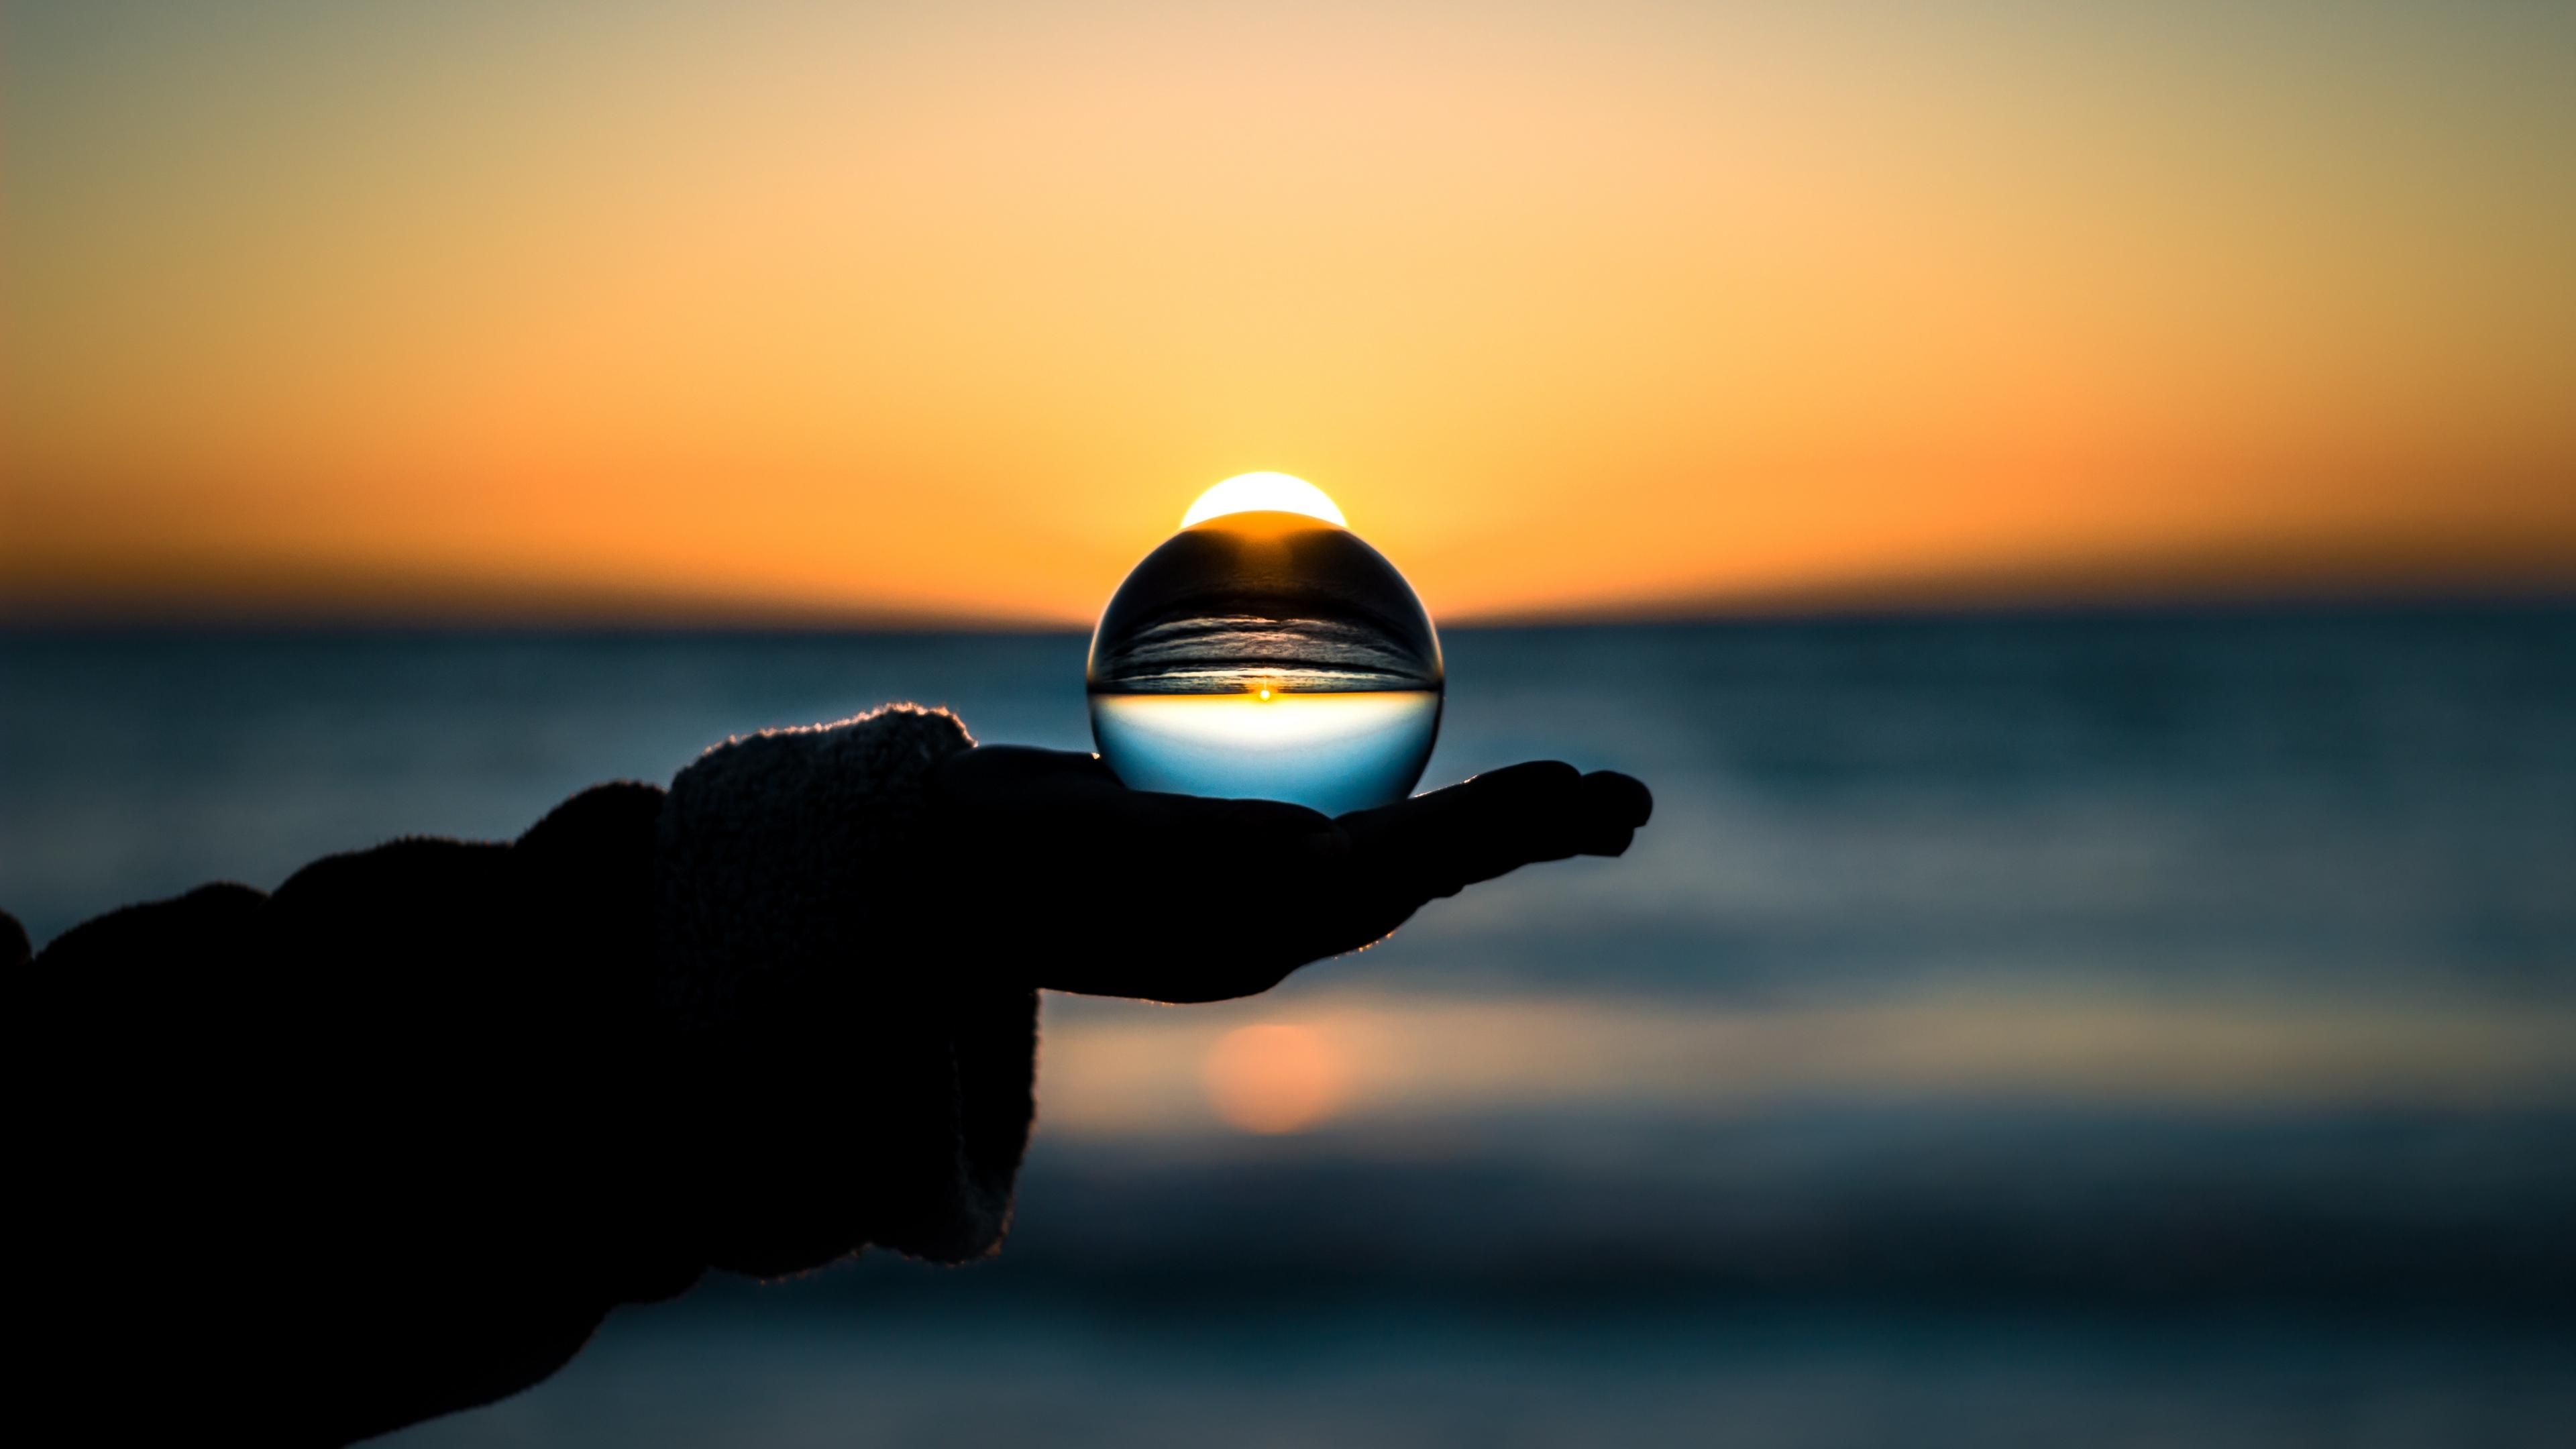 ball hand horizon glass 4k 1540574809 - ball, hand, horizon, glass 4k - Horizon, hand, Ball